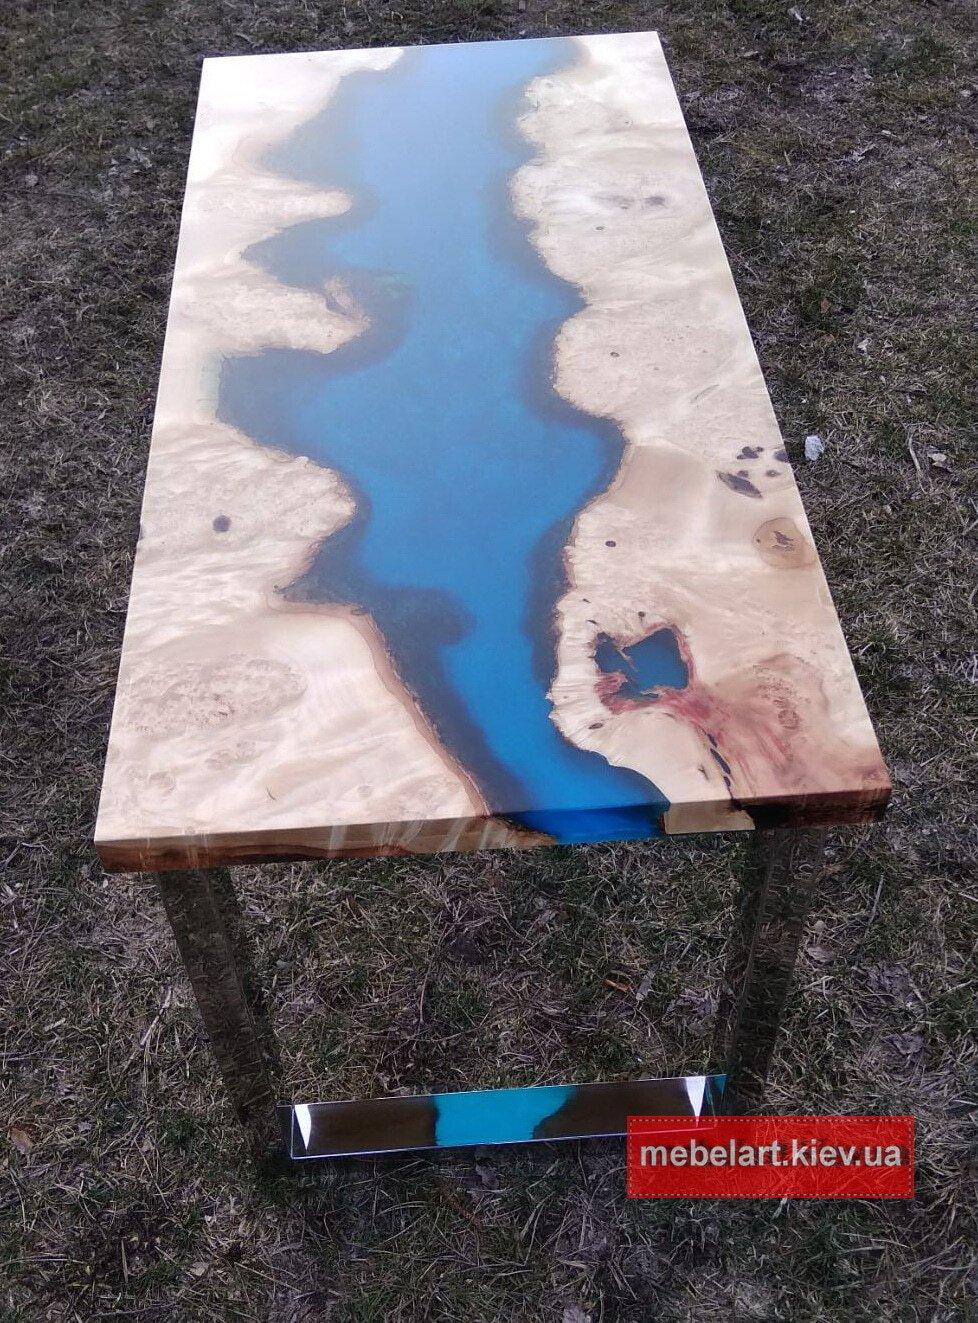 ИванШИКИРАВЫЙ изготовление столов река